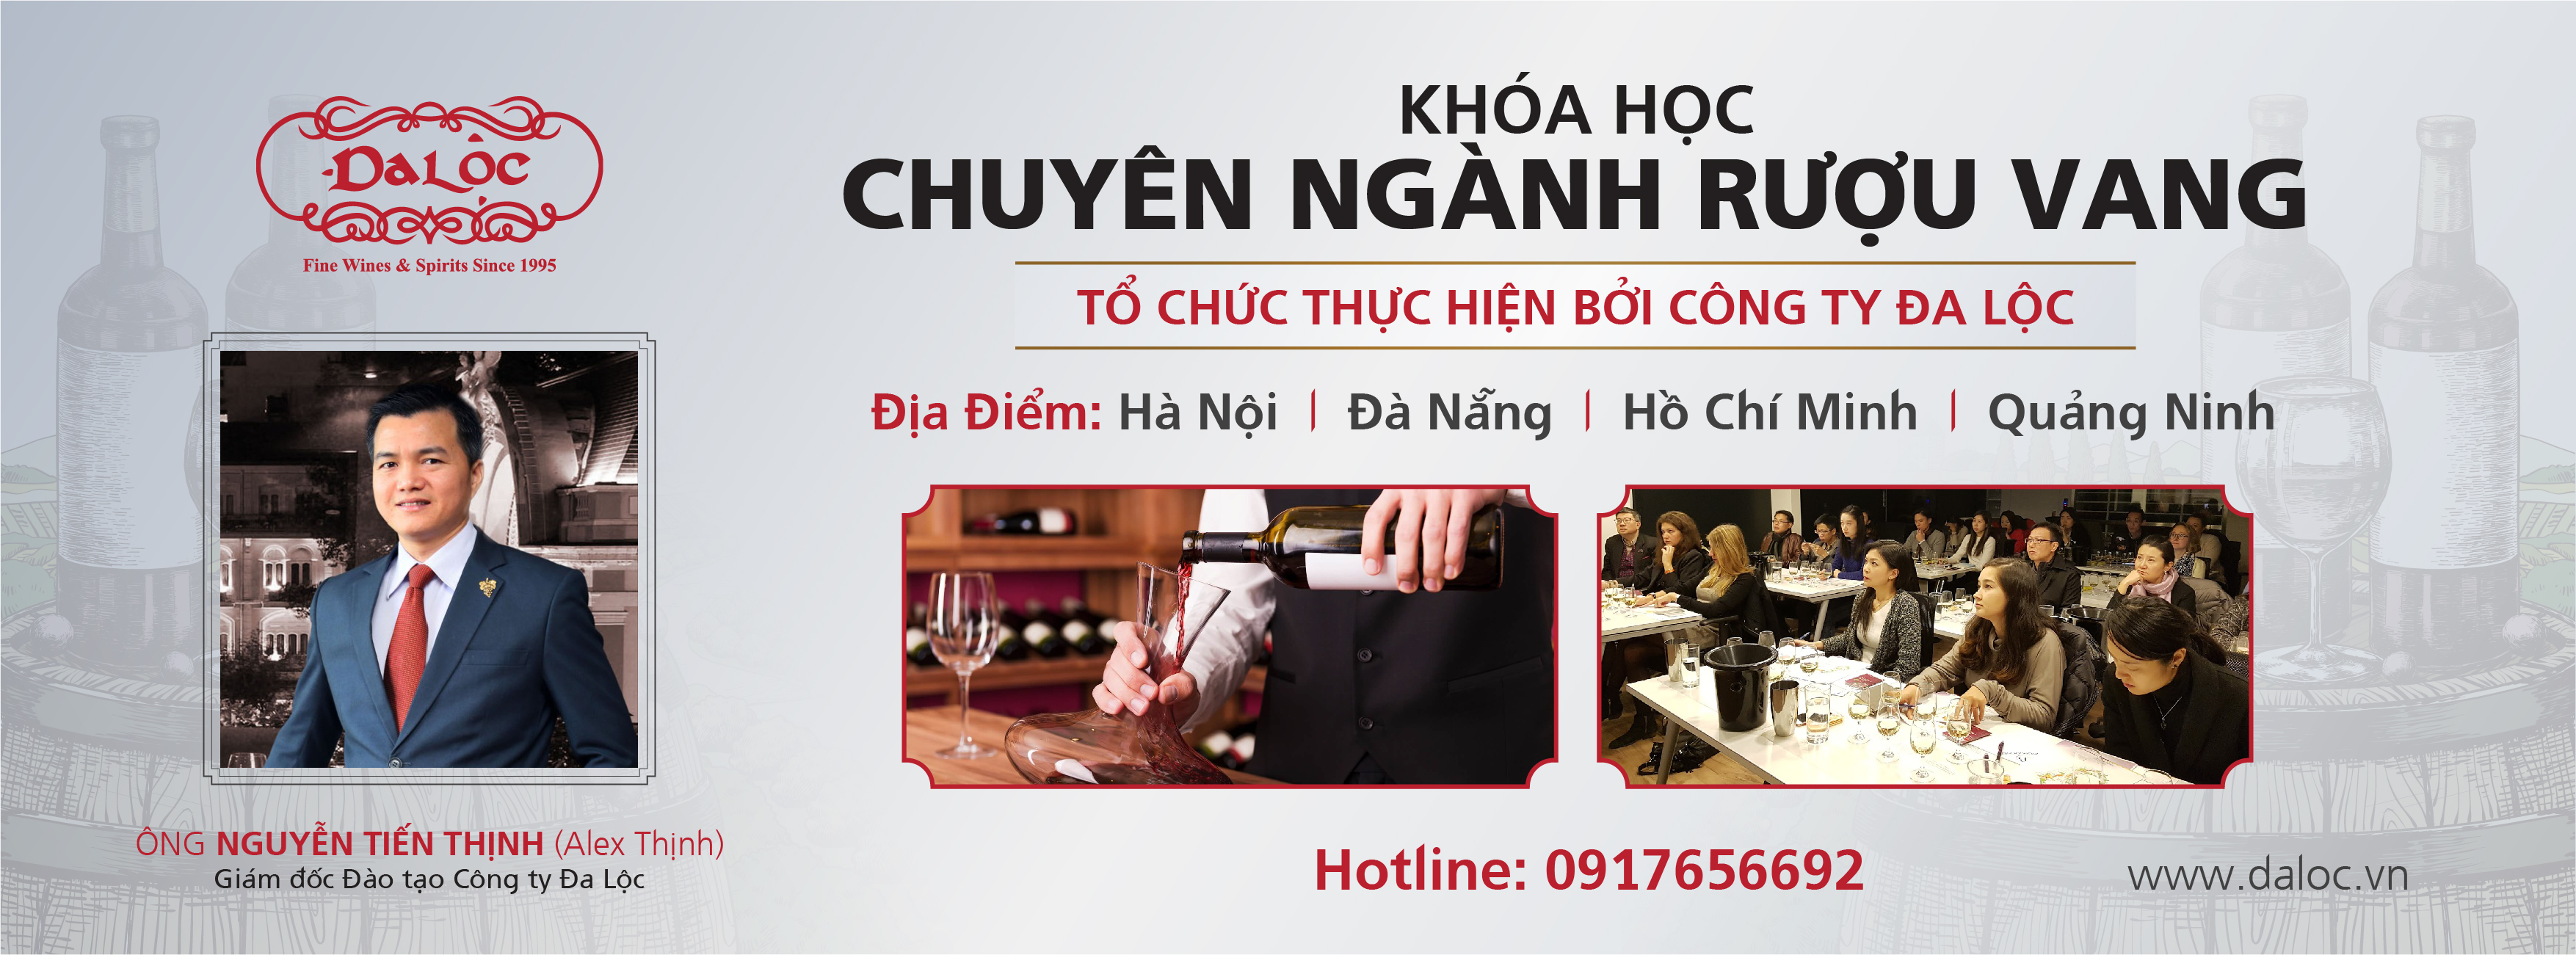 http://daloc.vn/khoa-dao-tao-chuyen-nganh-ruou-vang